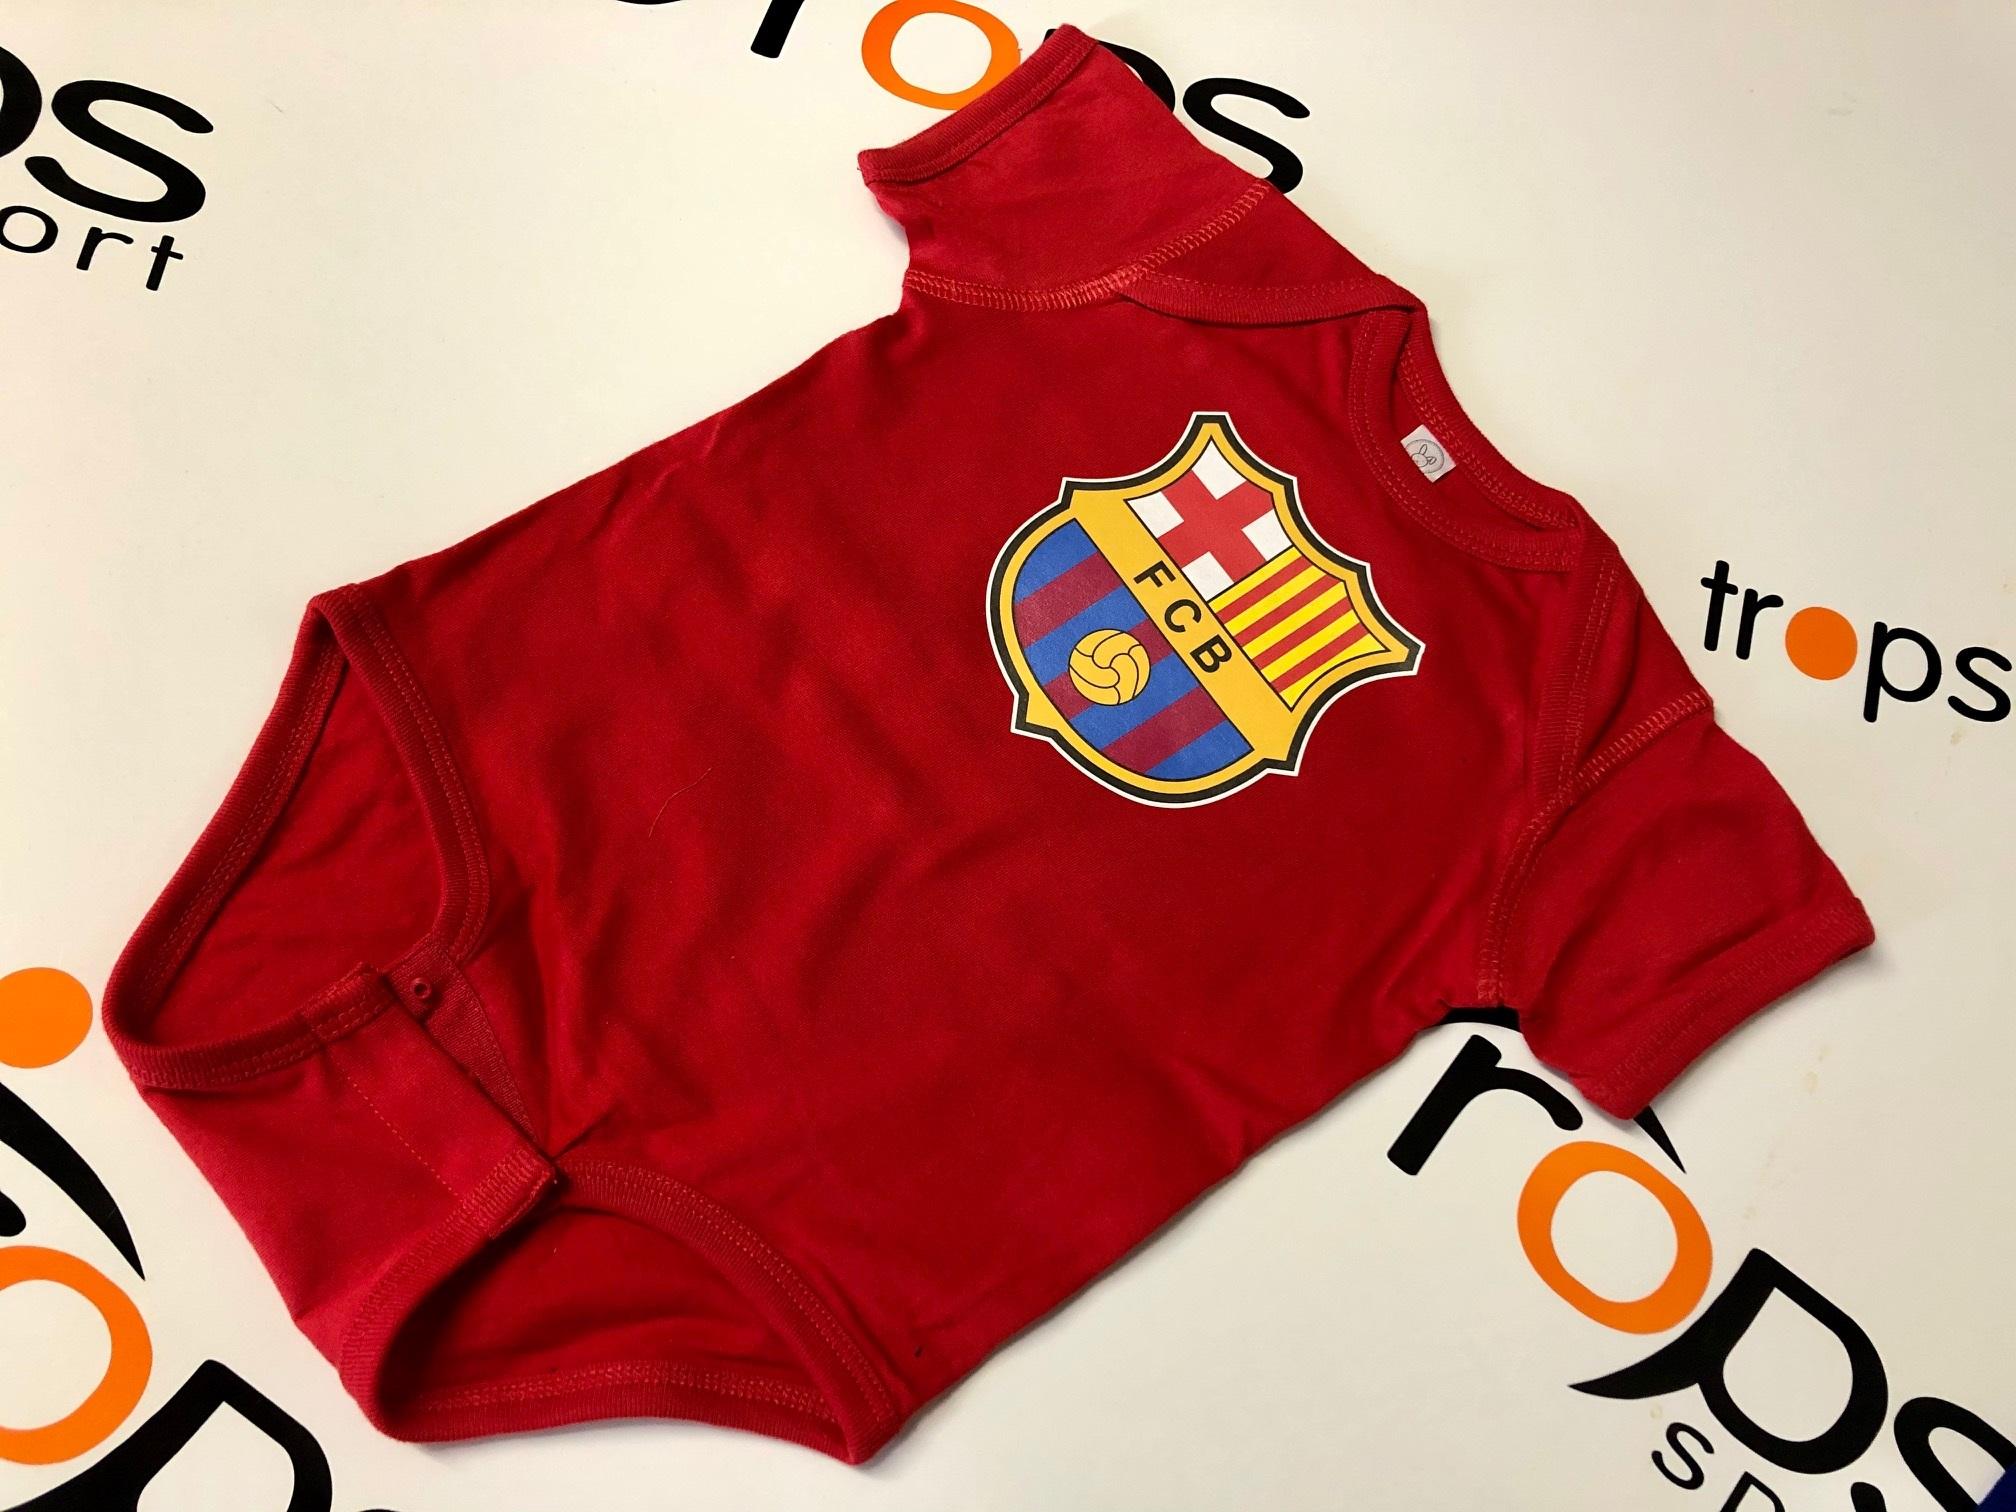 Dětské body FC Barcelona domácí Velikost: 0-3 měsíců, Lze dotisknout: Vzhled dle obrázku